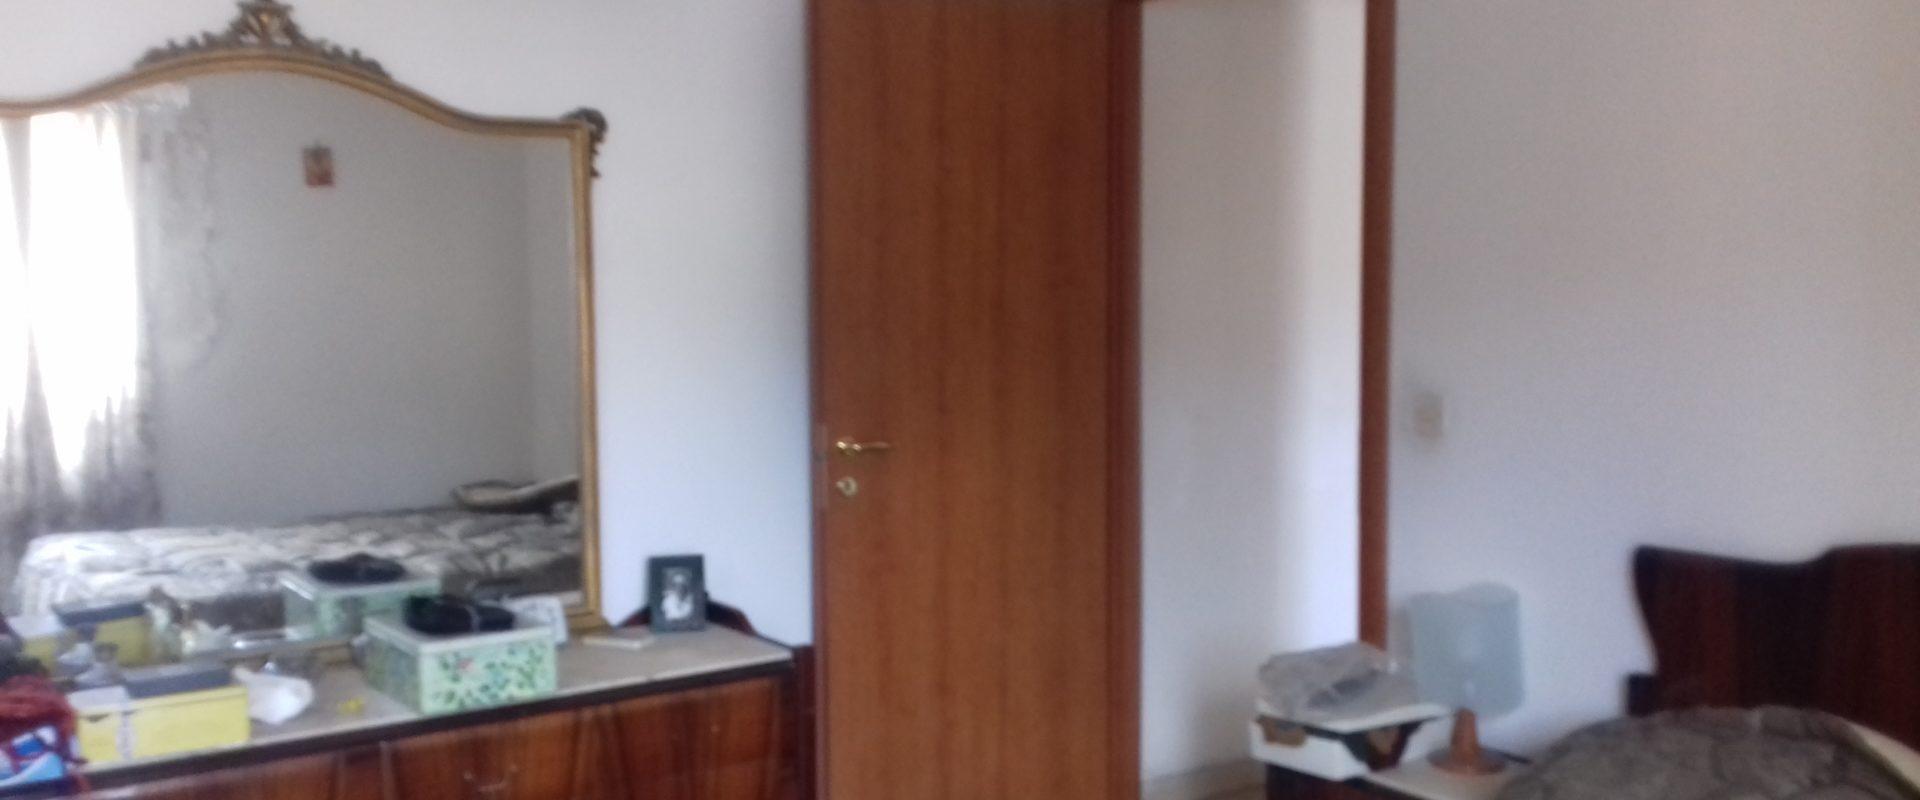 Panoramico appartamento in vendita pressi Via del fante